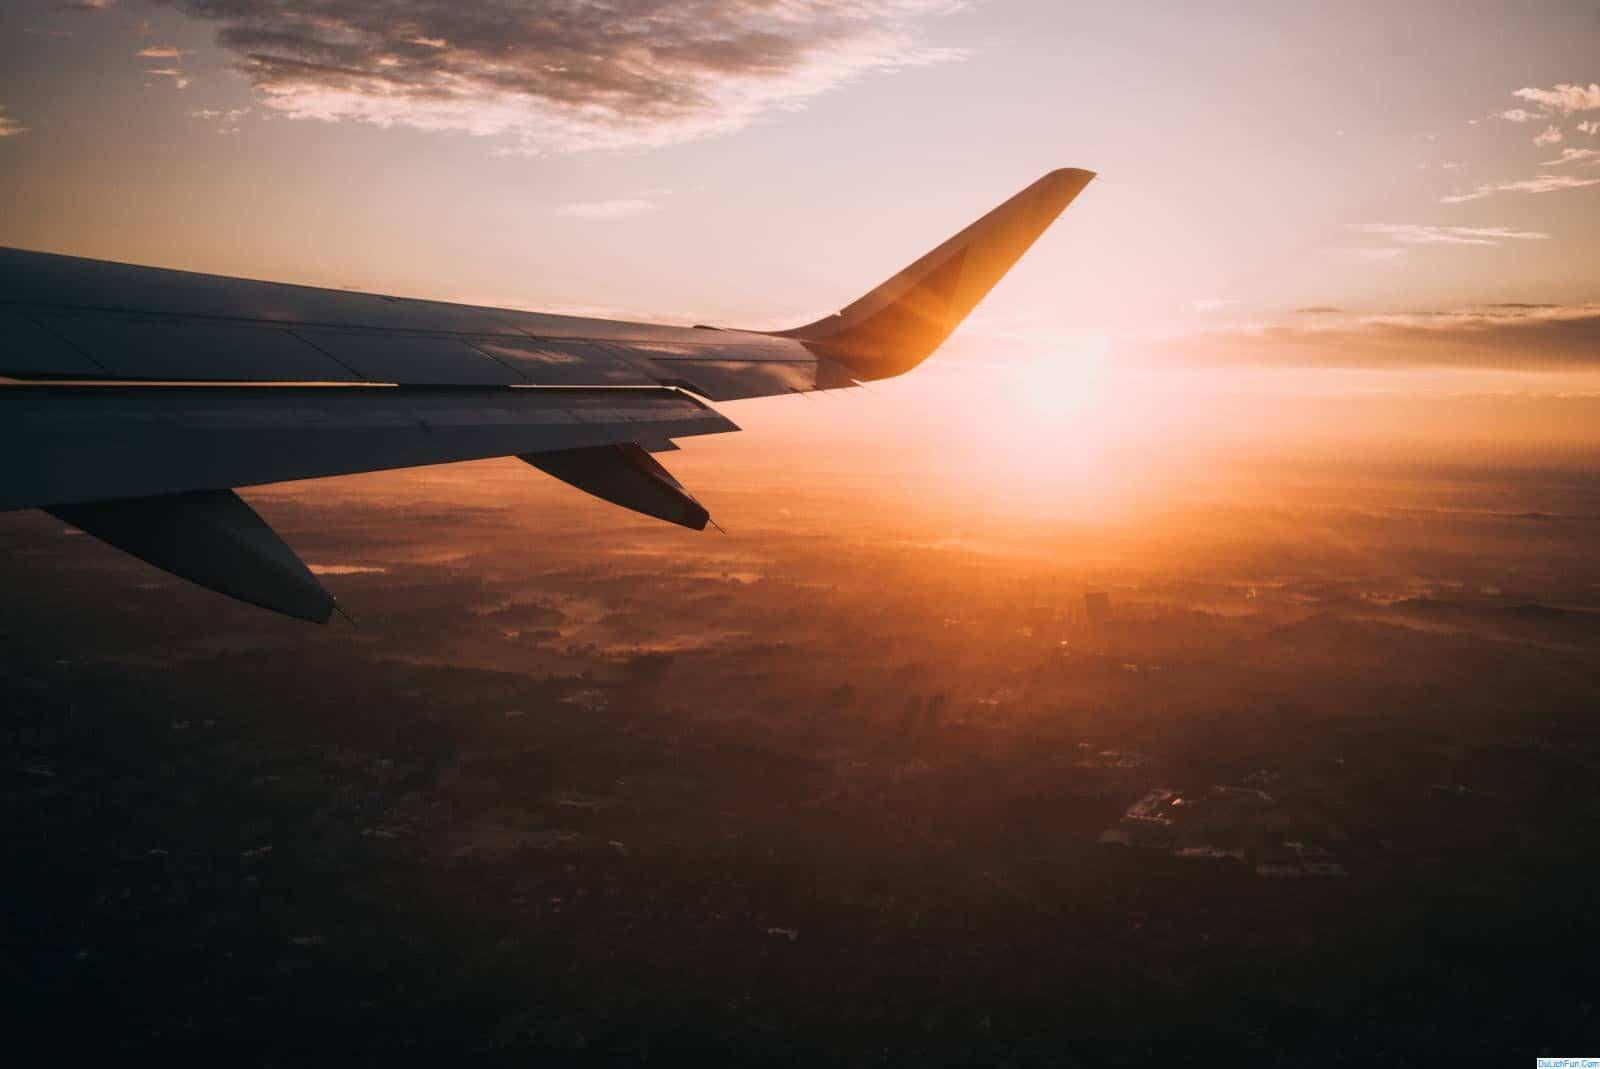 Muốn đi du lịch nhưng không có tiền liệu khả thi - Mẹo hay. Những lưu ý quan trọng để tiết kiệm chi phí du lịch tối đa.